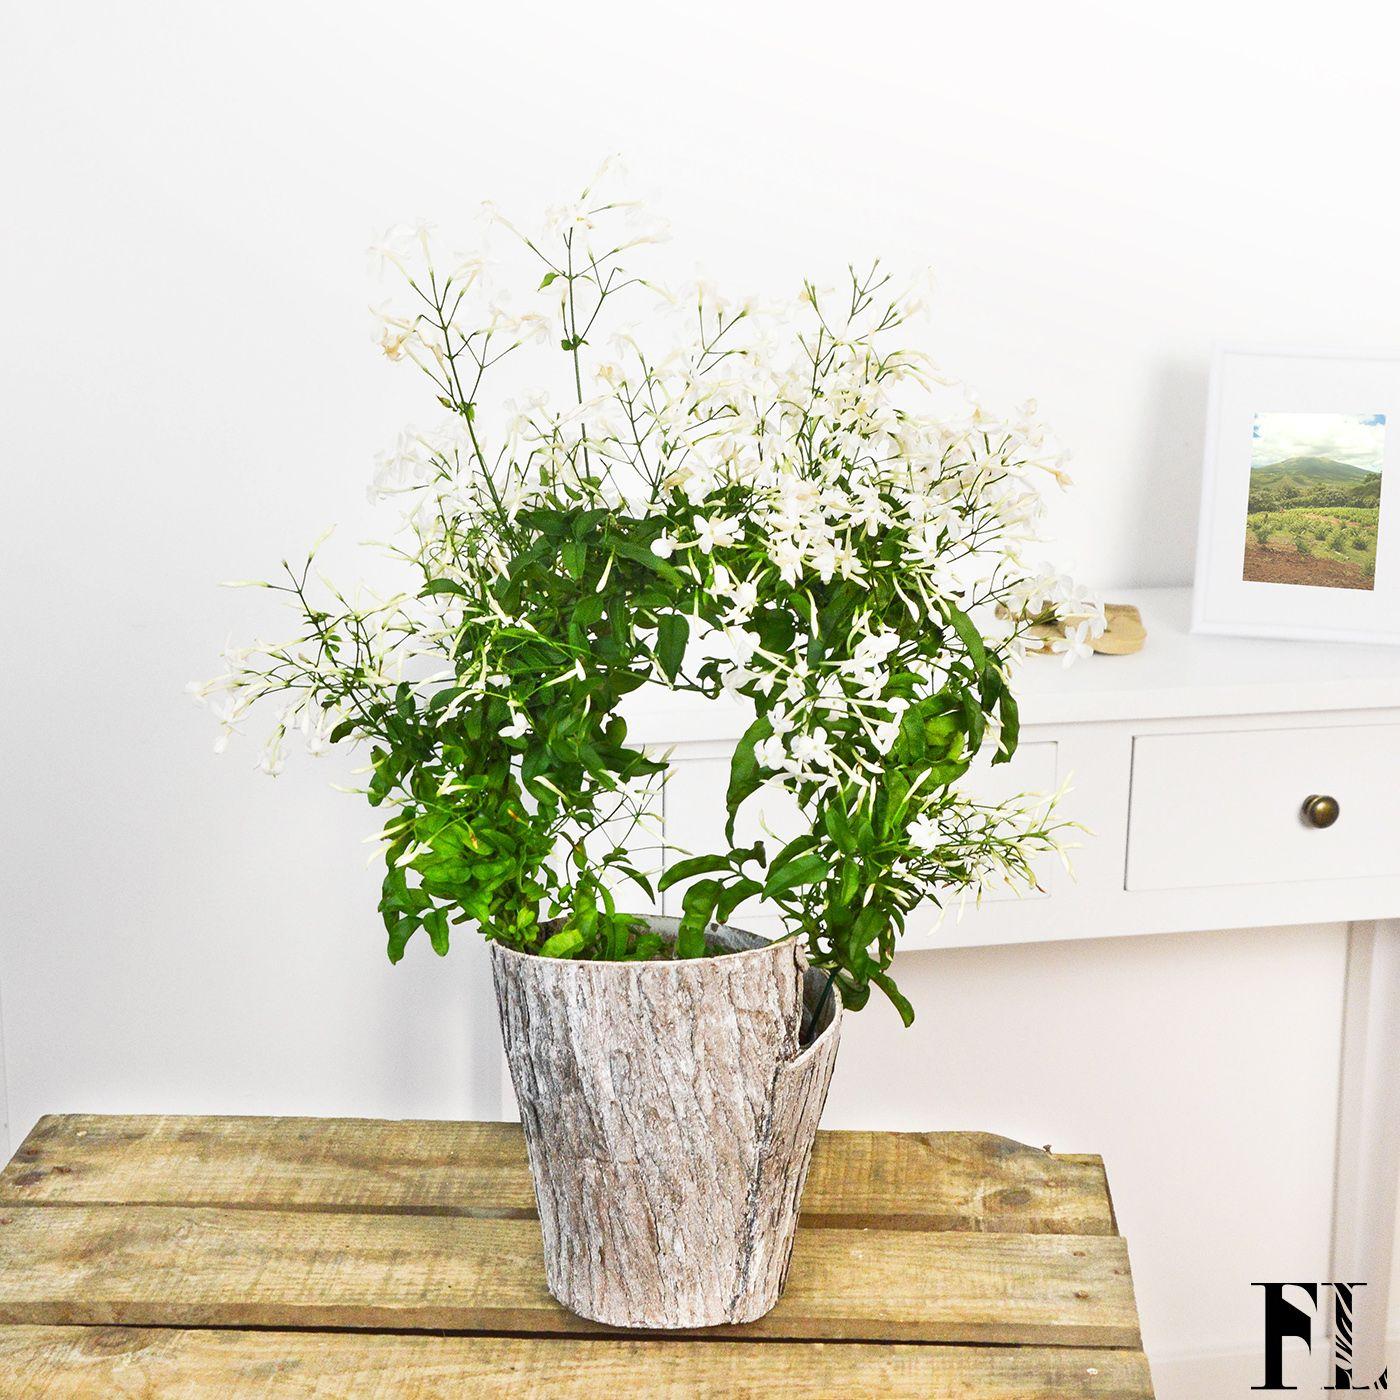 Épinglé par Fleurs Lointaines sur Plantes | Plante jasmin ...